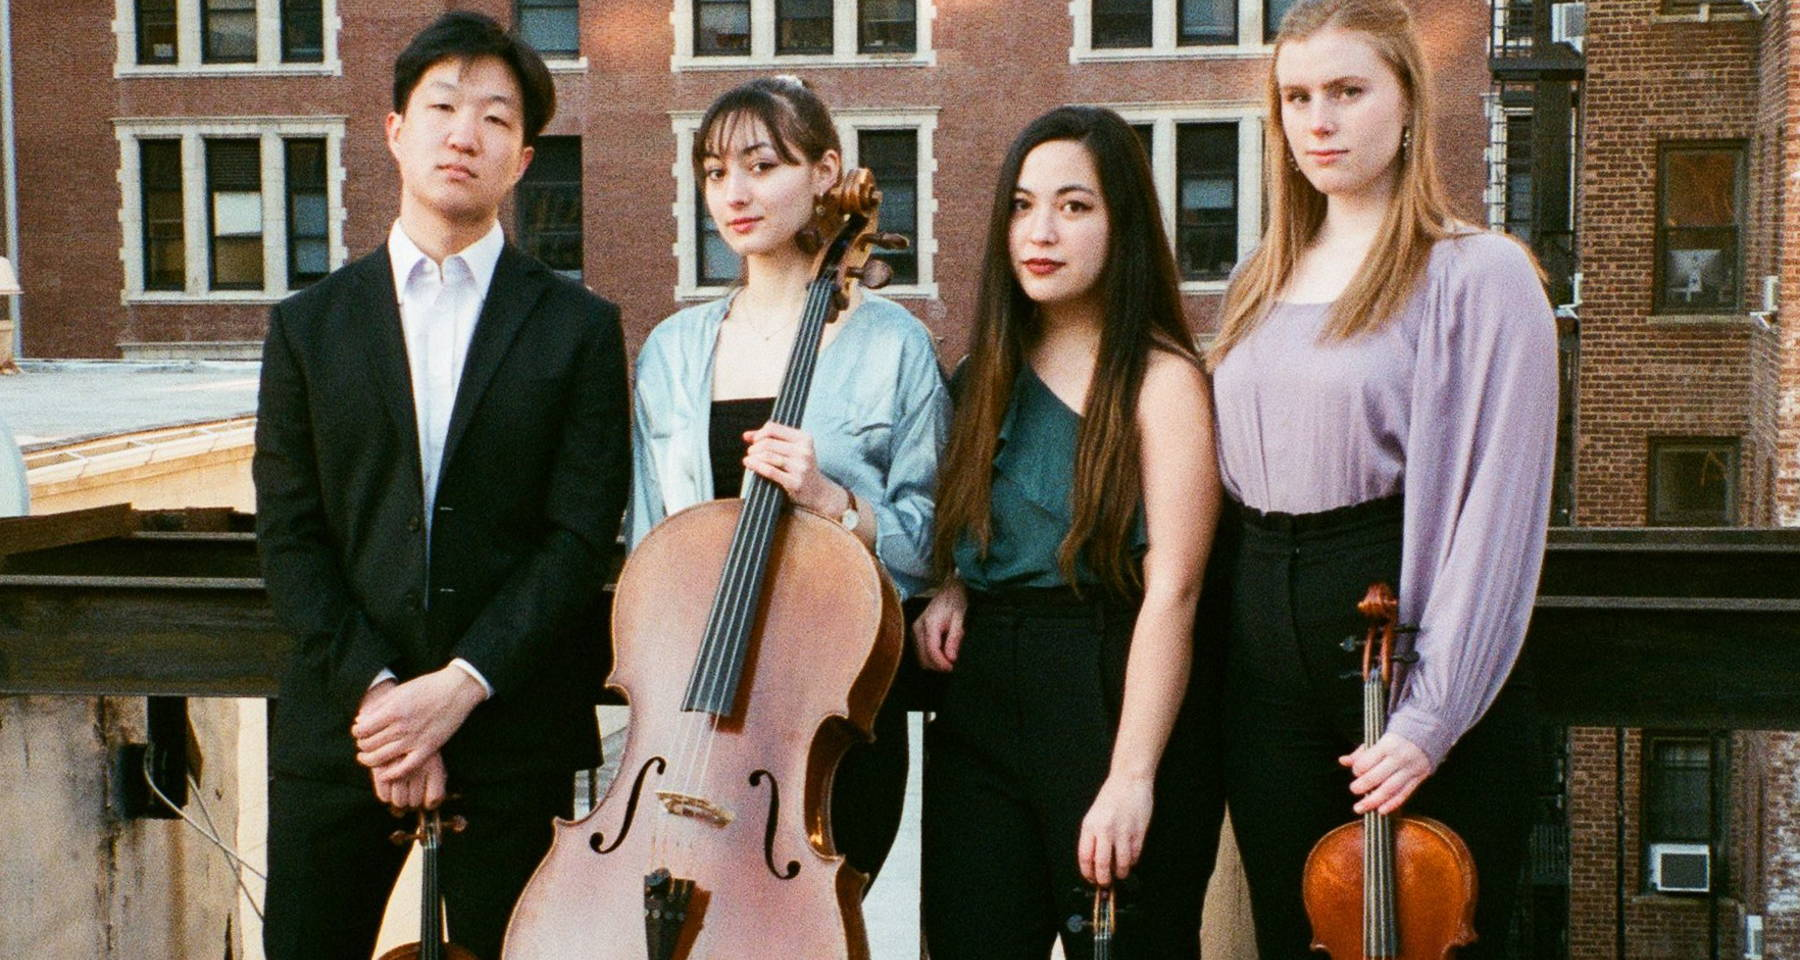 Razumovksy and Sunrise with the Lido Quartet